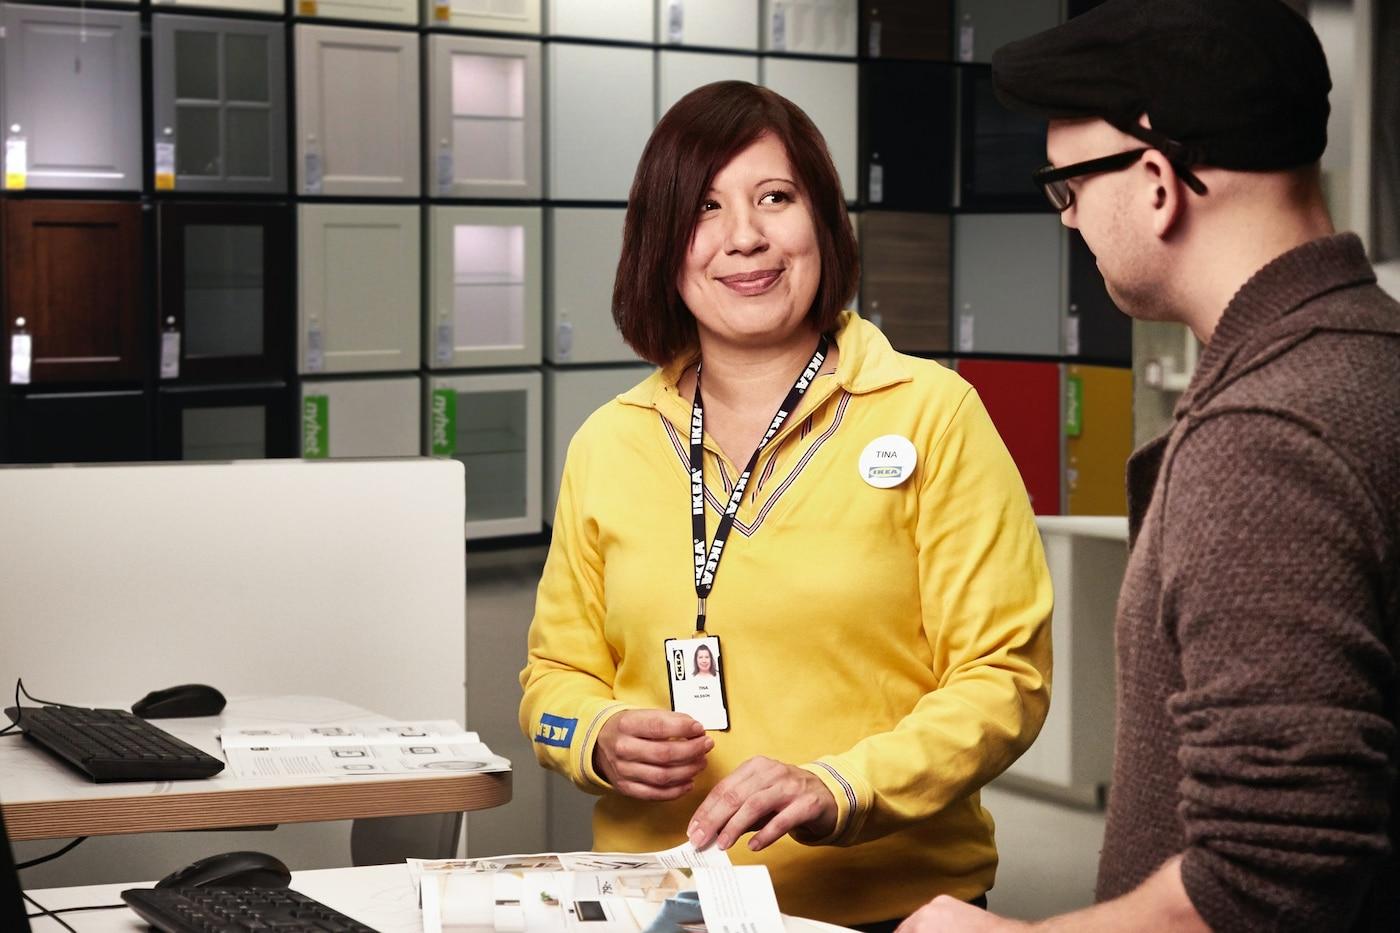 IKEA-asiakaspalvelija keskustelee asiakkaan kanssa